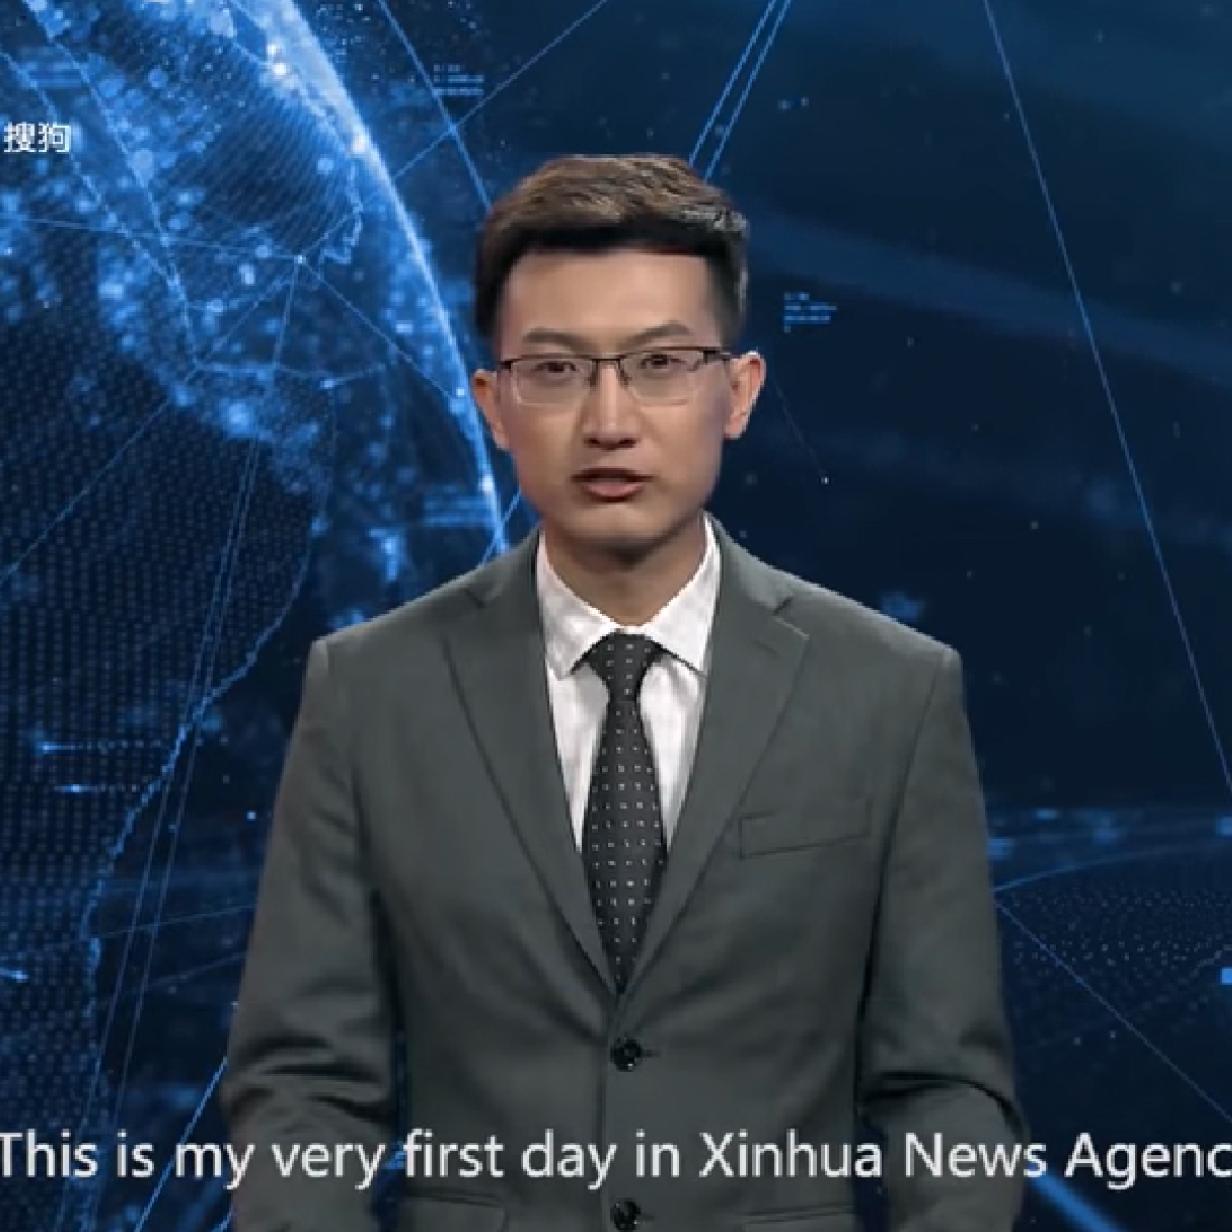 China präsentiert ersten KI-Nachrichtensprecher